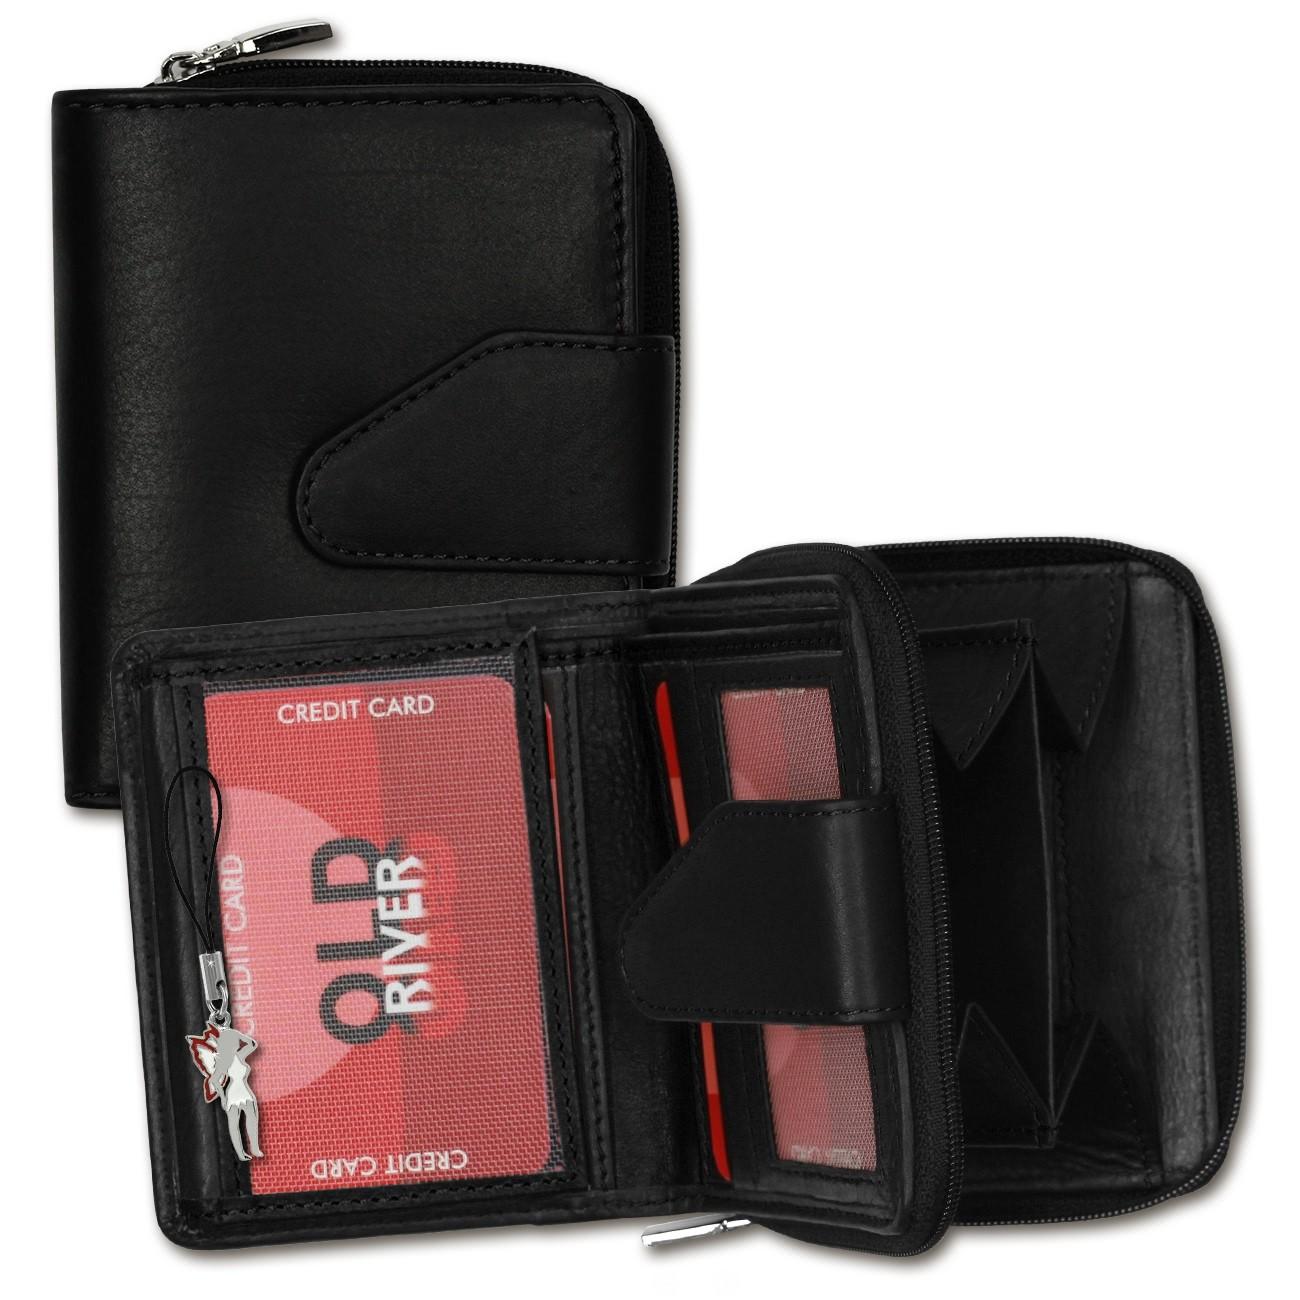 Geldbörse Leder schwarz Portemonnaie kleine Brieftasche Old River OPD104S